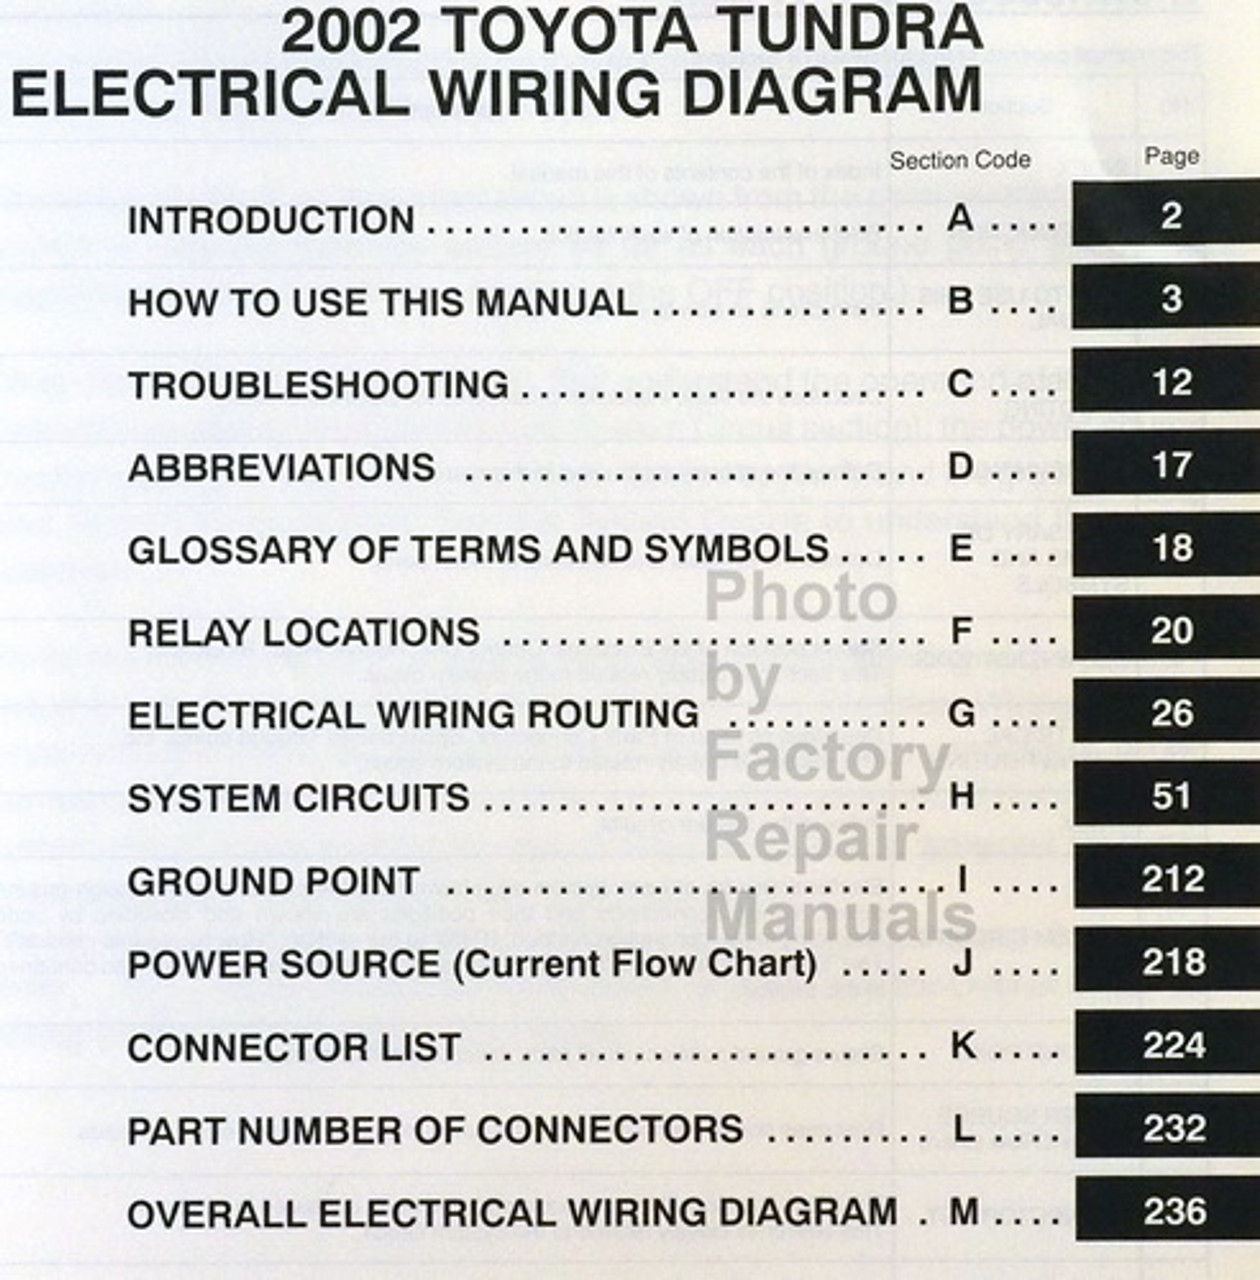 [DIAGRAM_34OR]  2002 Toyota Tundra Electrical Wiring Diagrams Original Factory Manual -  Factory Repair Manuals   2002 Toyota Tundra Wiring Diagram      Factory Repair Manuals